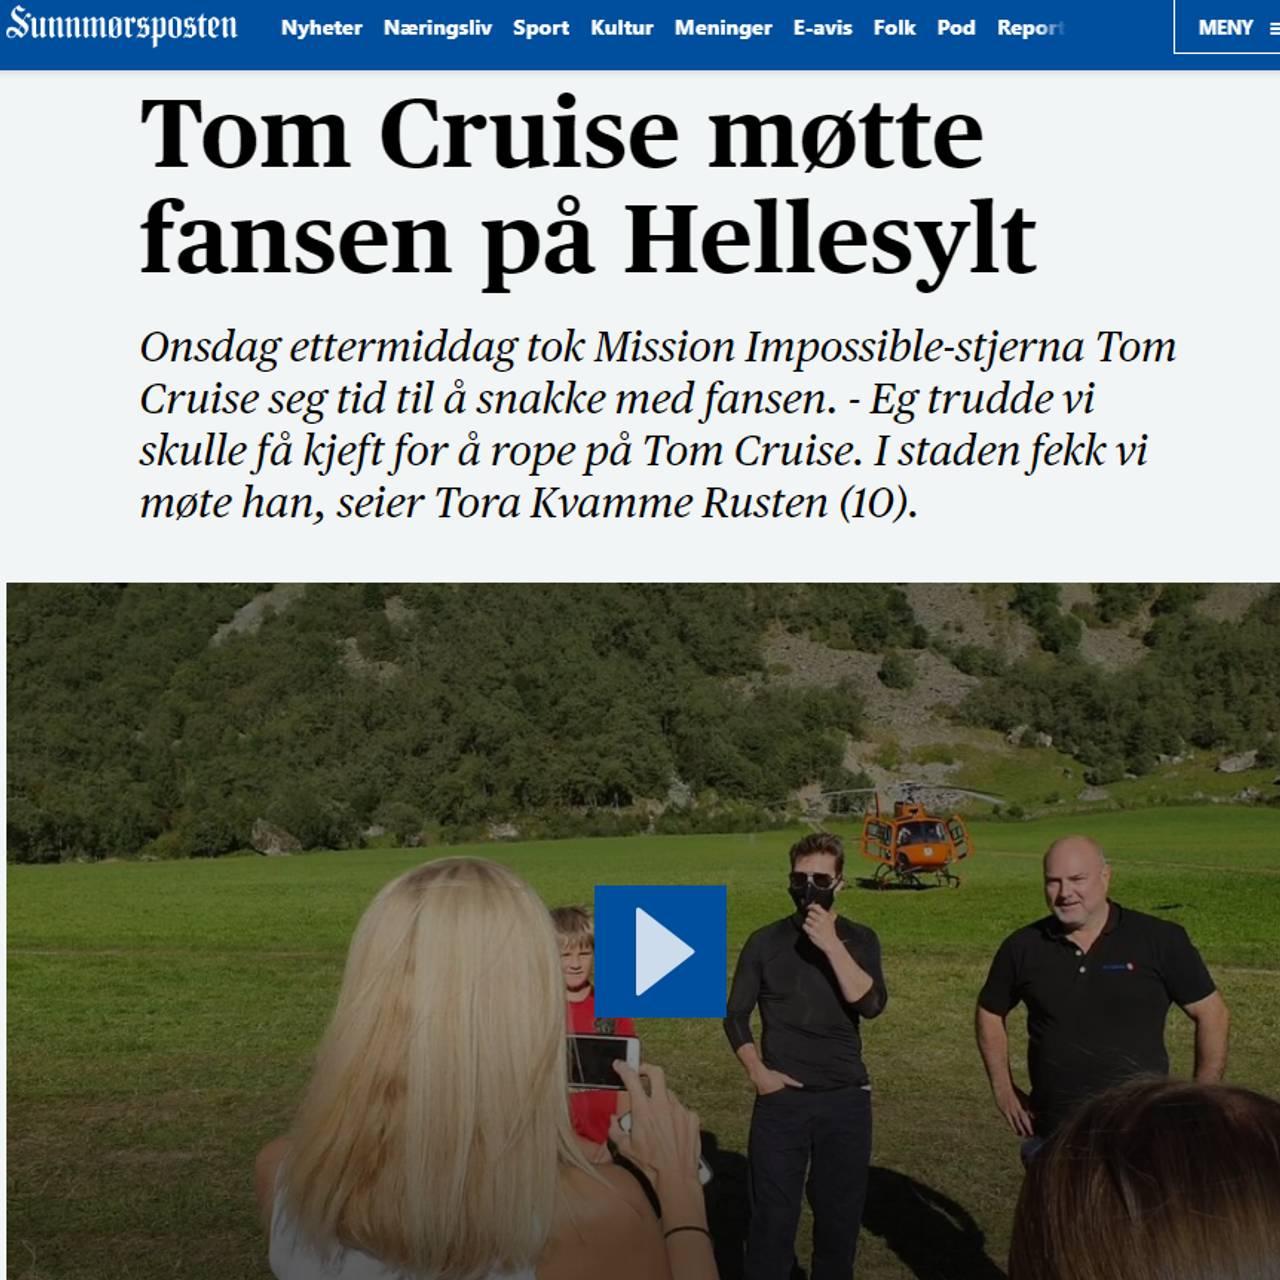 smp Tom Cruise møtte fansen